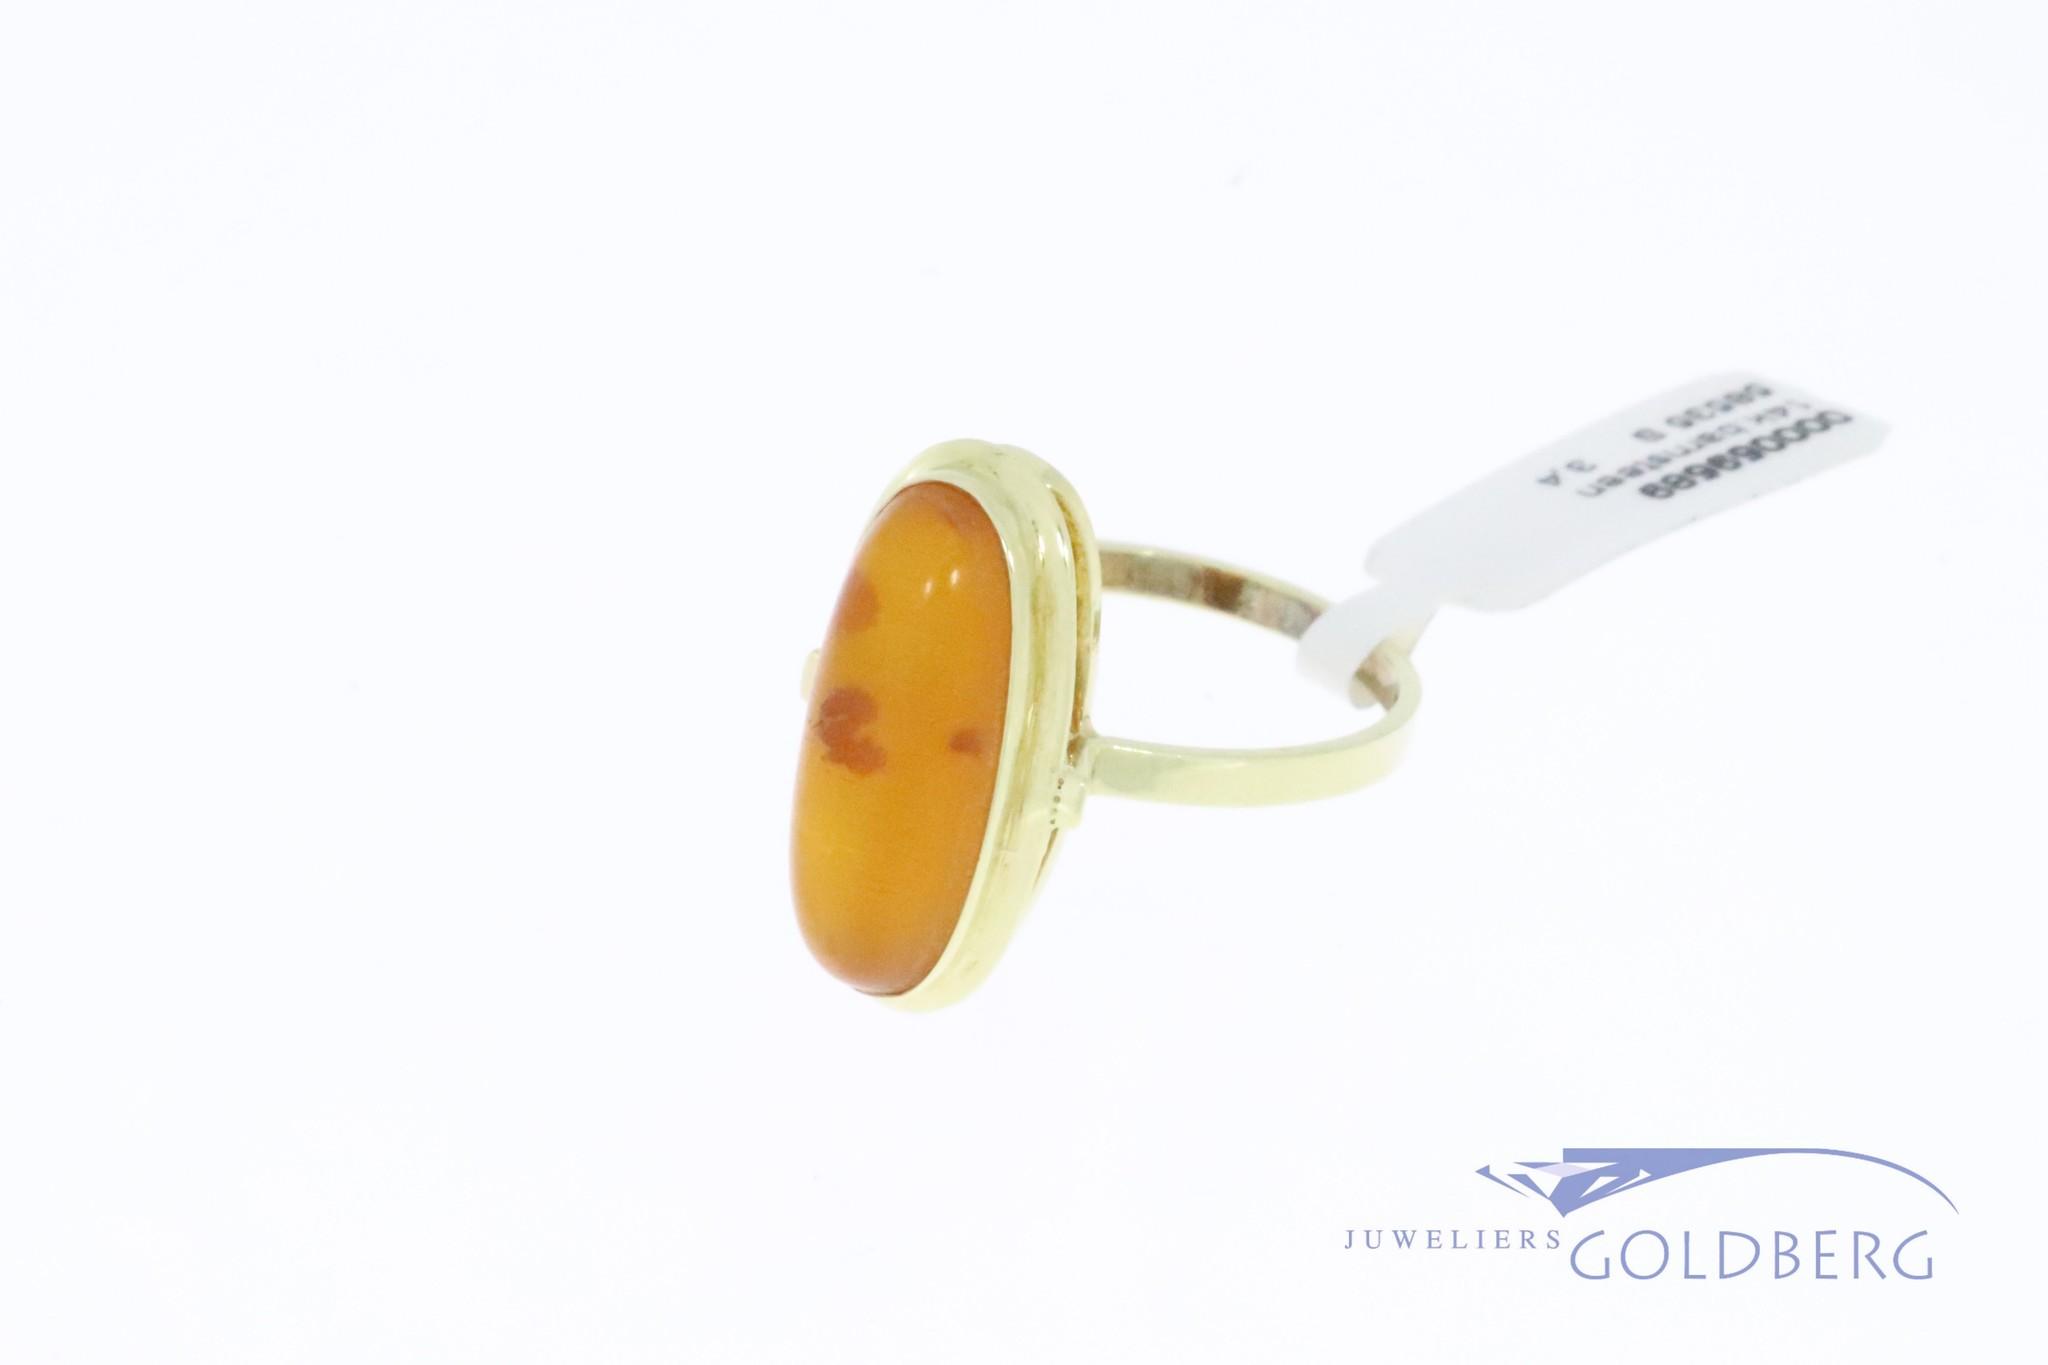 14k gouden klassieke vintage ring met barnsteen